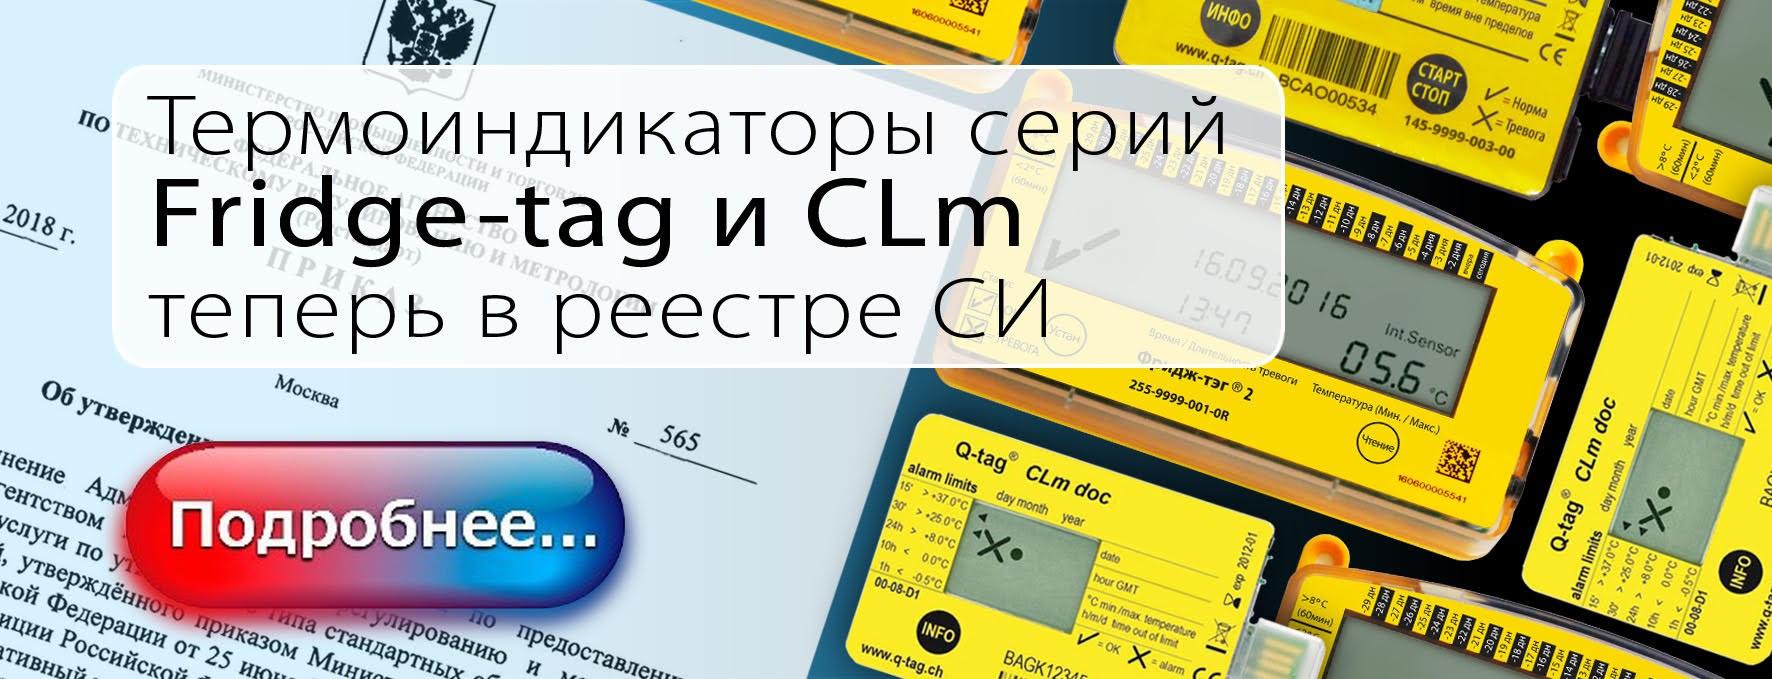 Термоиндикаторы серий Fridge-tag b CLm внесены в реестр СИ